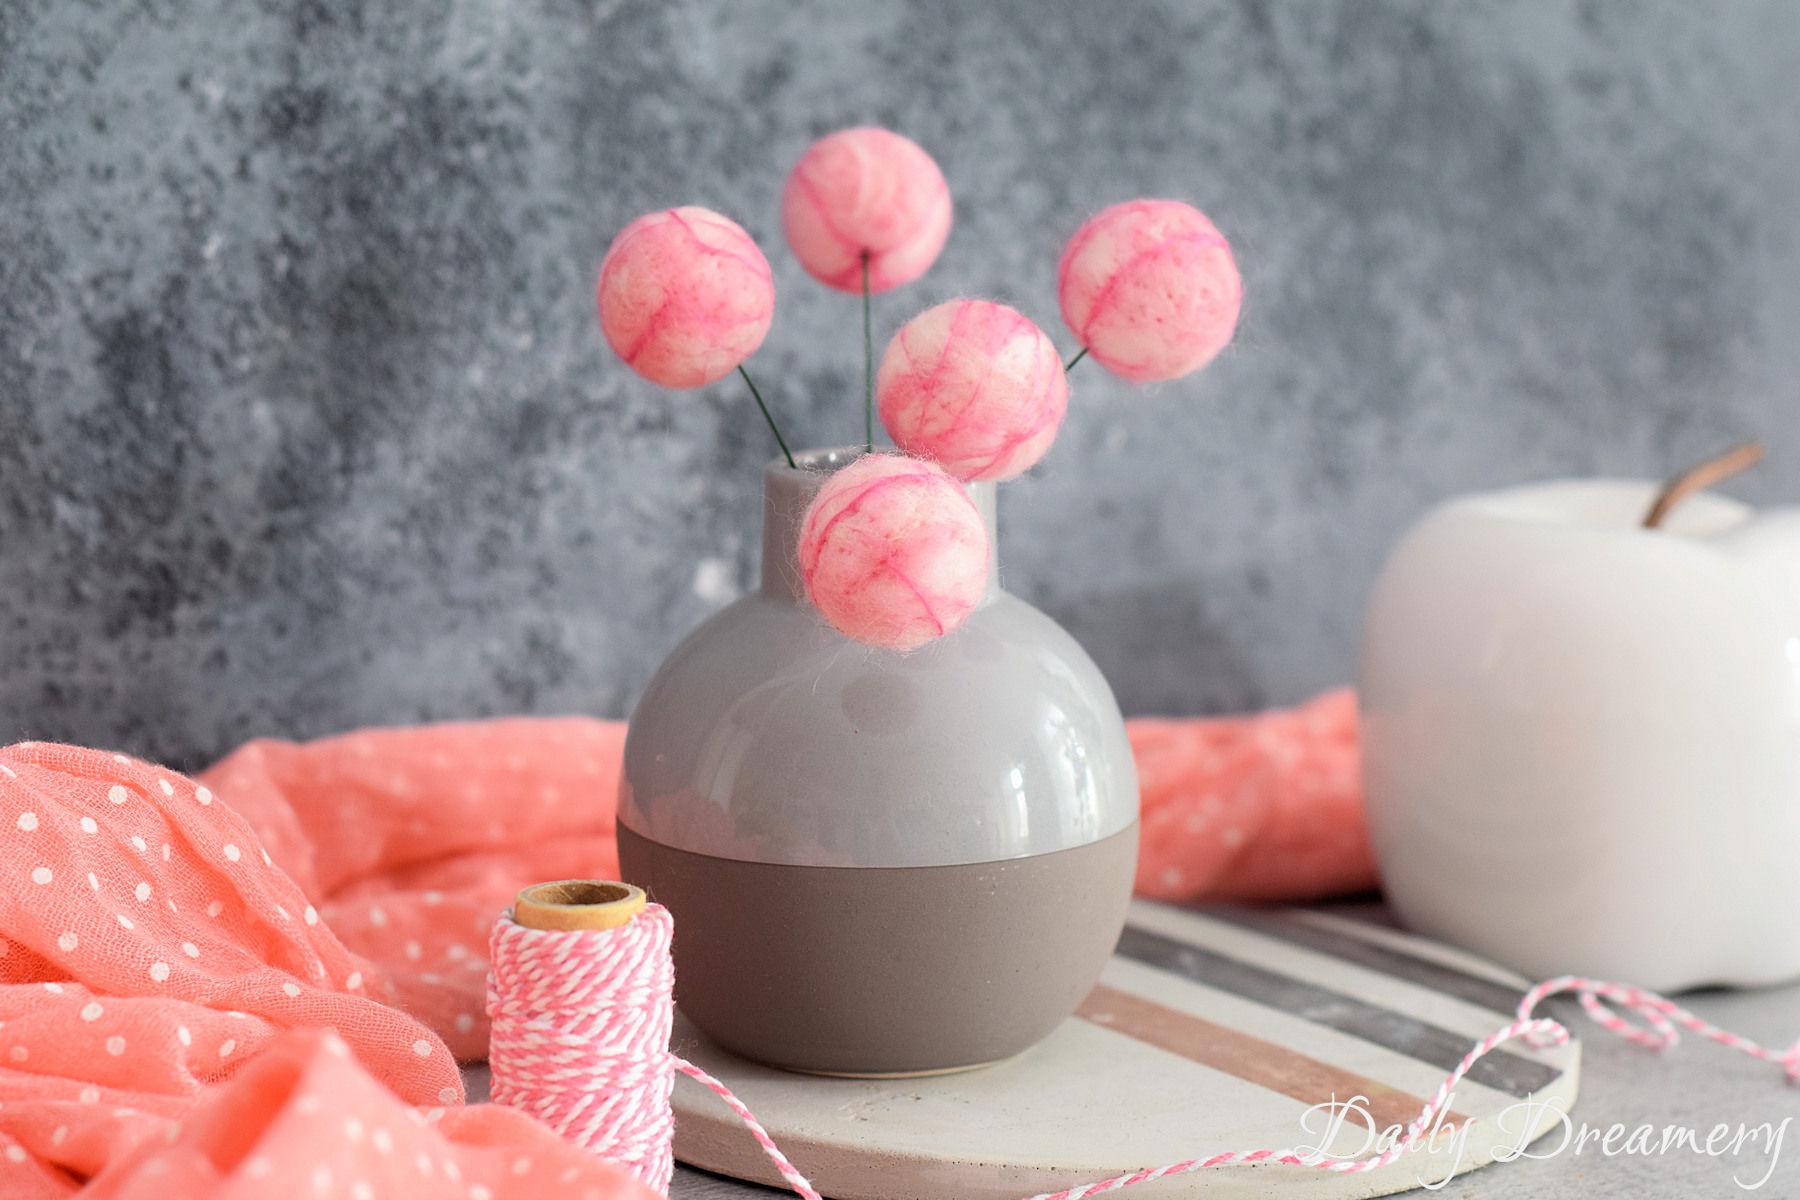 kugelige deko blumen aus filz fr hliche farbtupfer f r dein zuhause daily dreamery. Black Bedroom Furniture Sets. Home Design Ideas